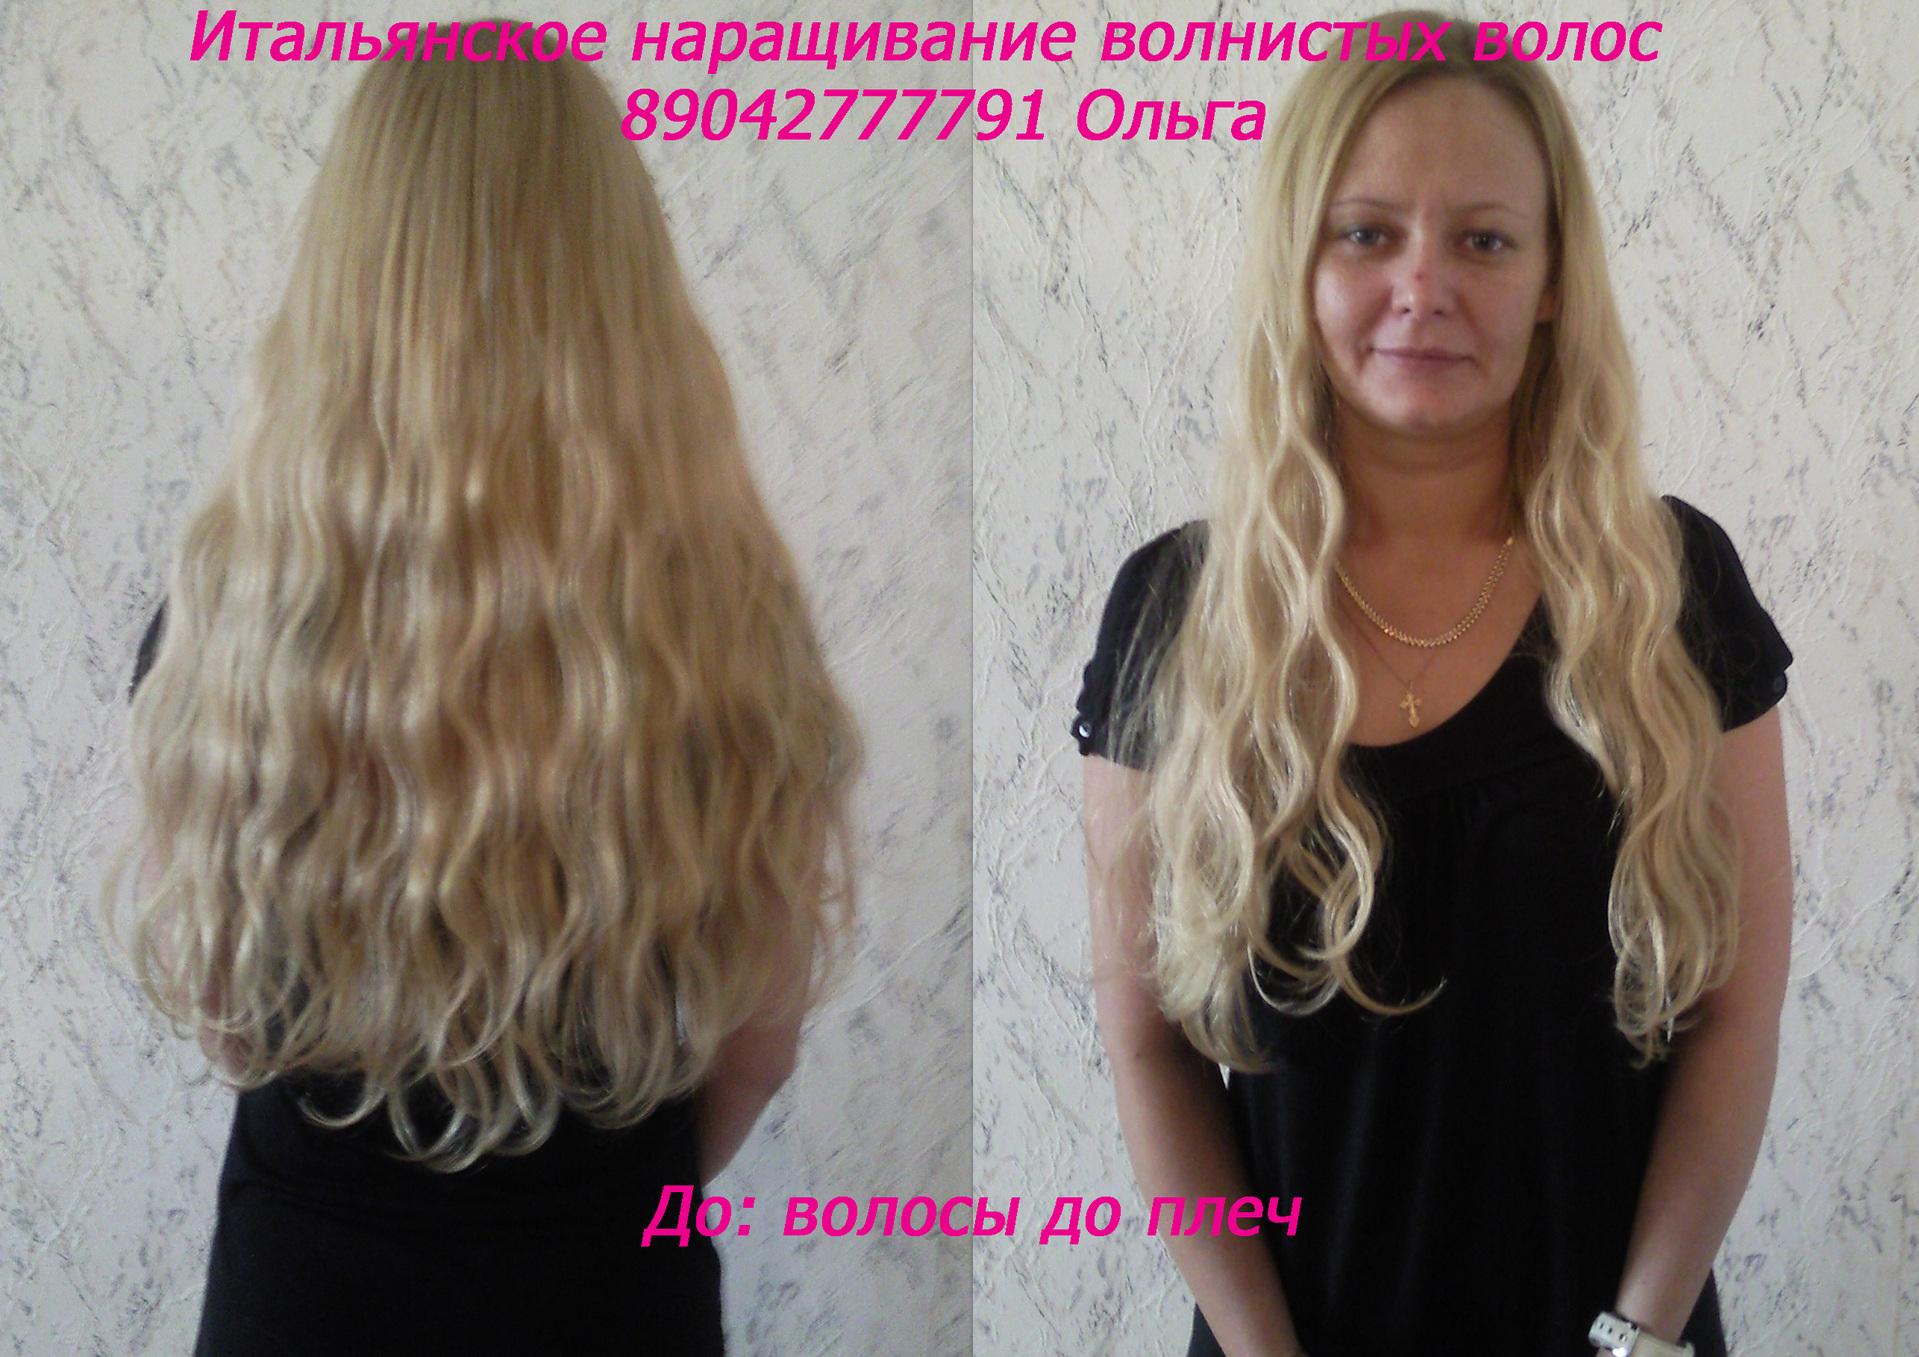 Фото нарощенные волнистые волосы